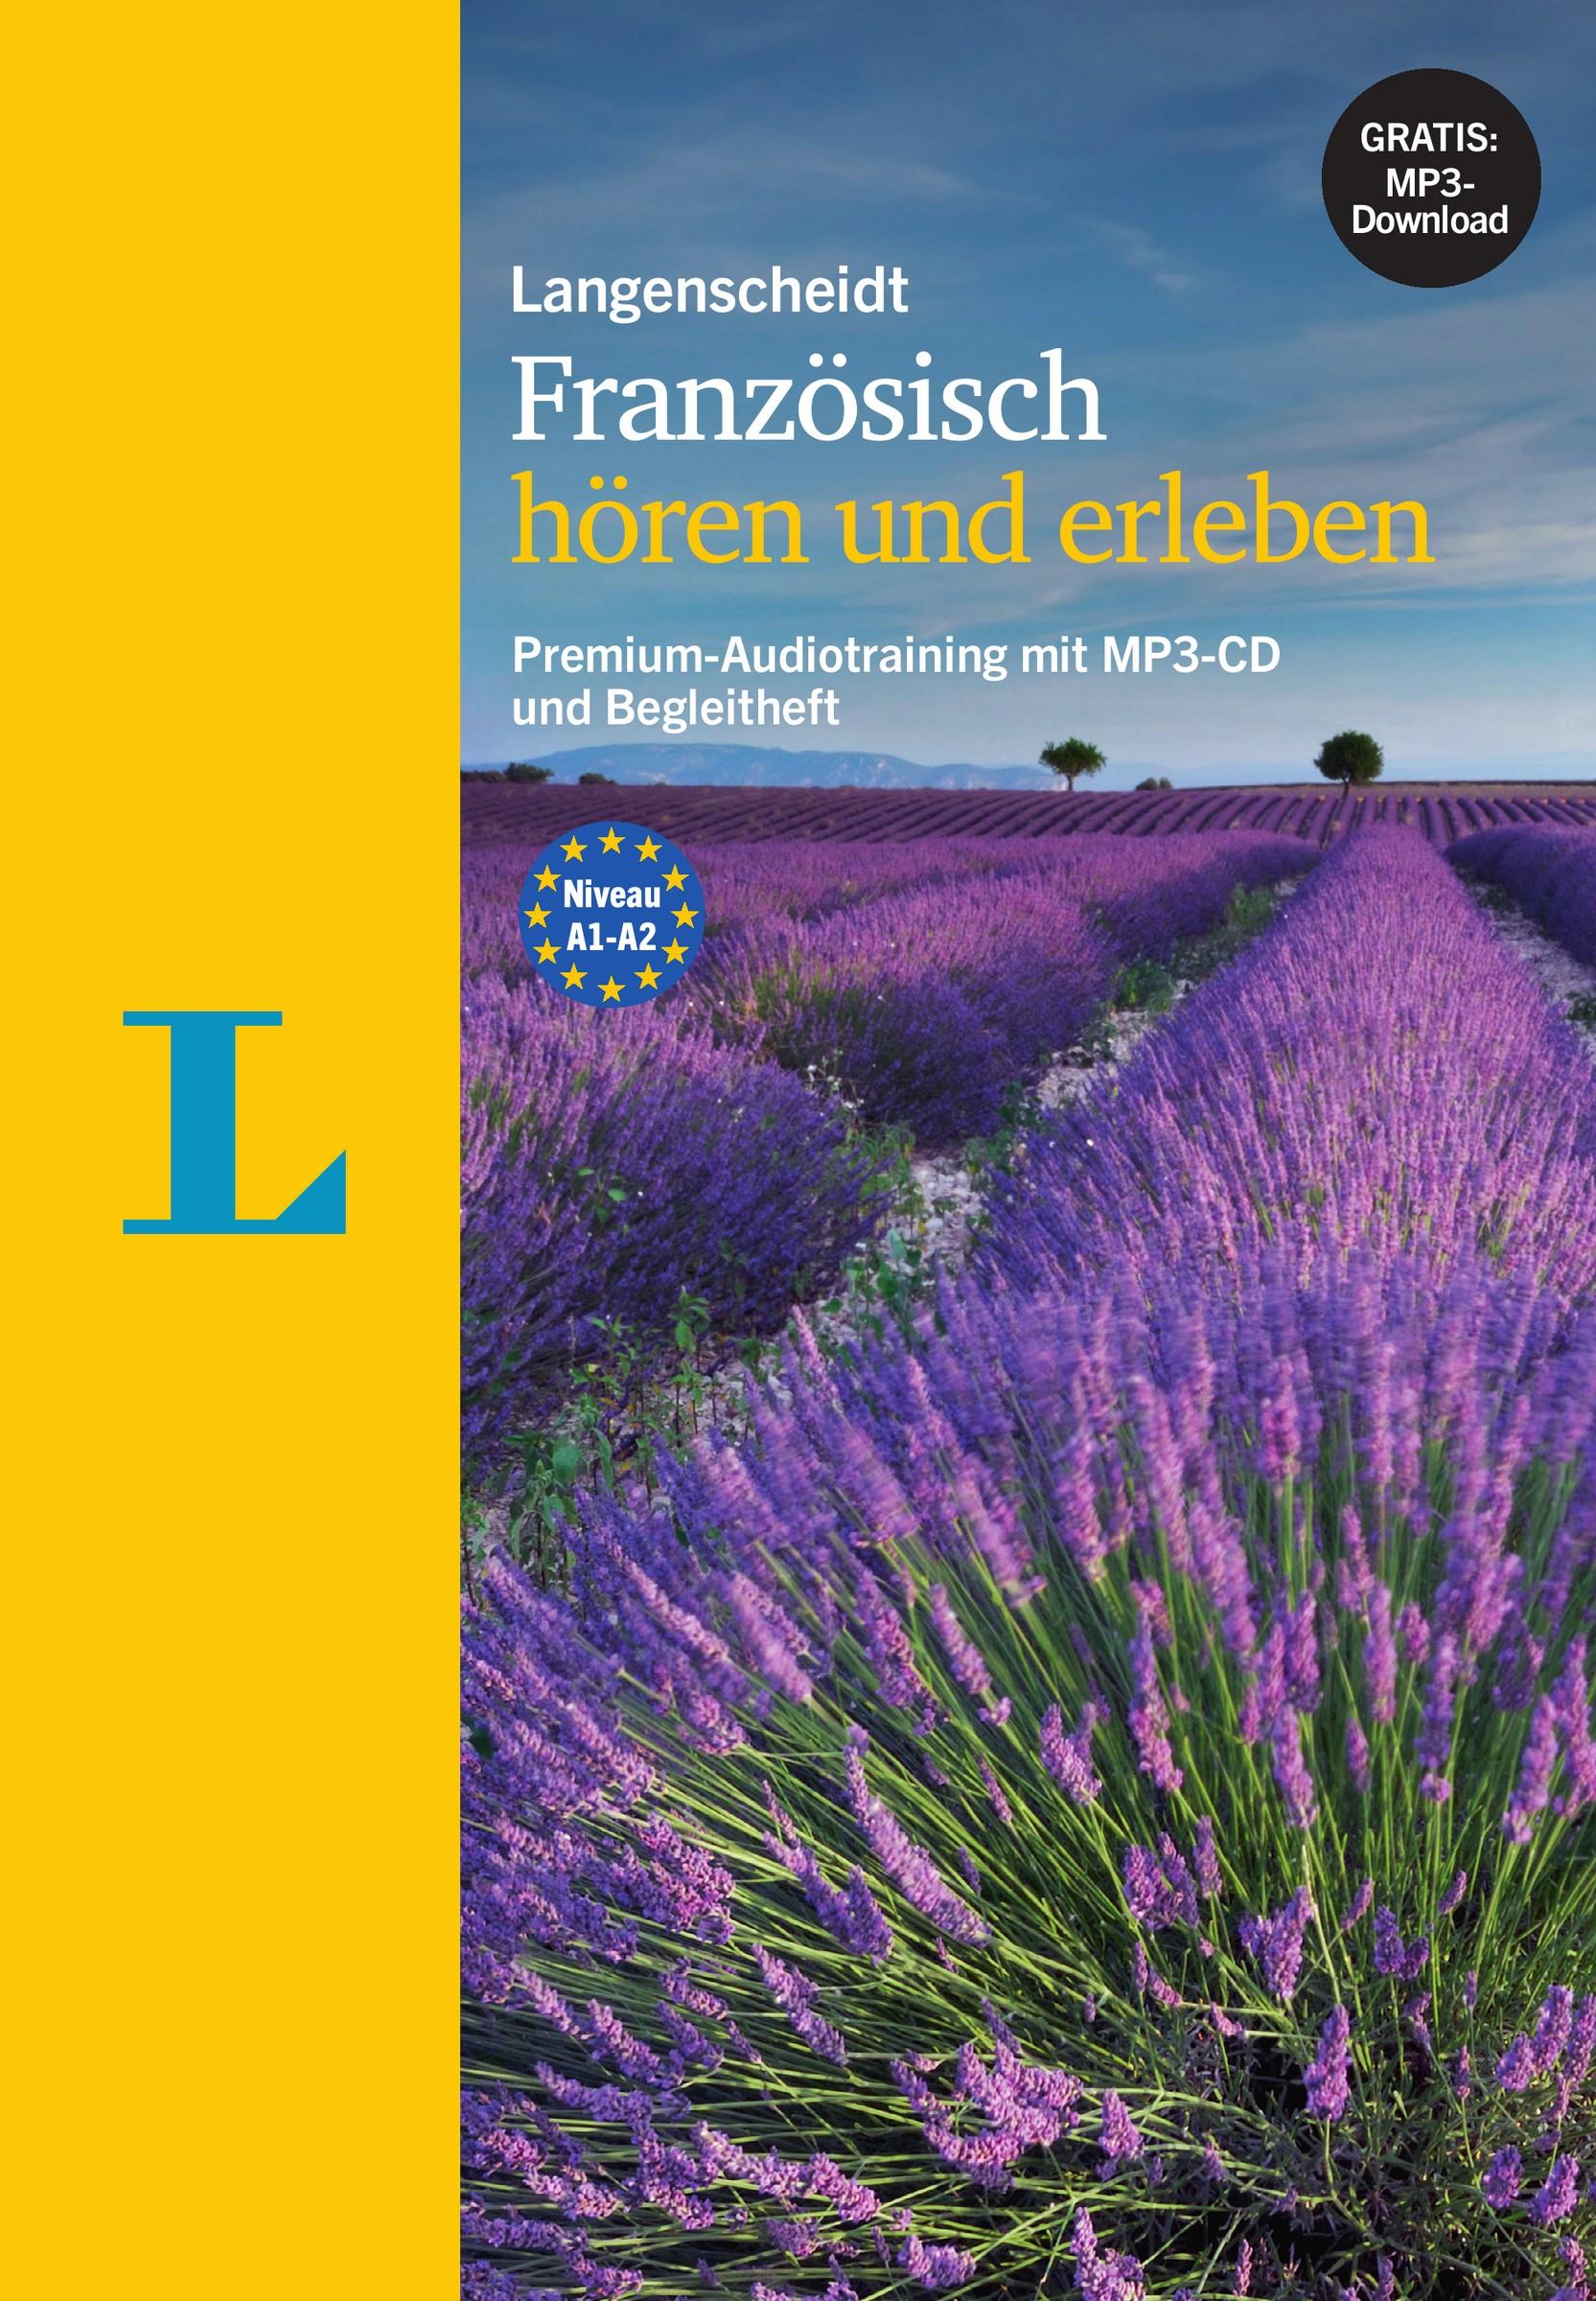 Langenscheidt Französisch hören und erleben - MP3-CD mit Begleitheft | Borota / Robein, 2016 | Buch (Cover)